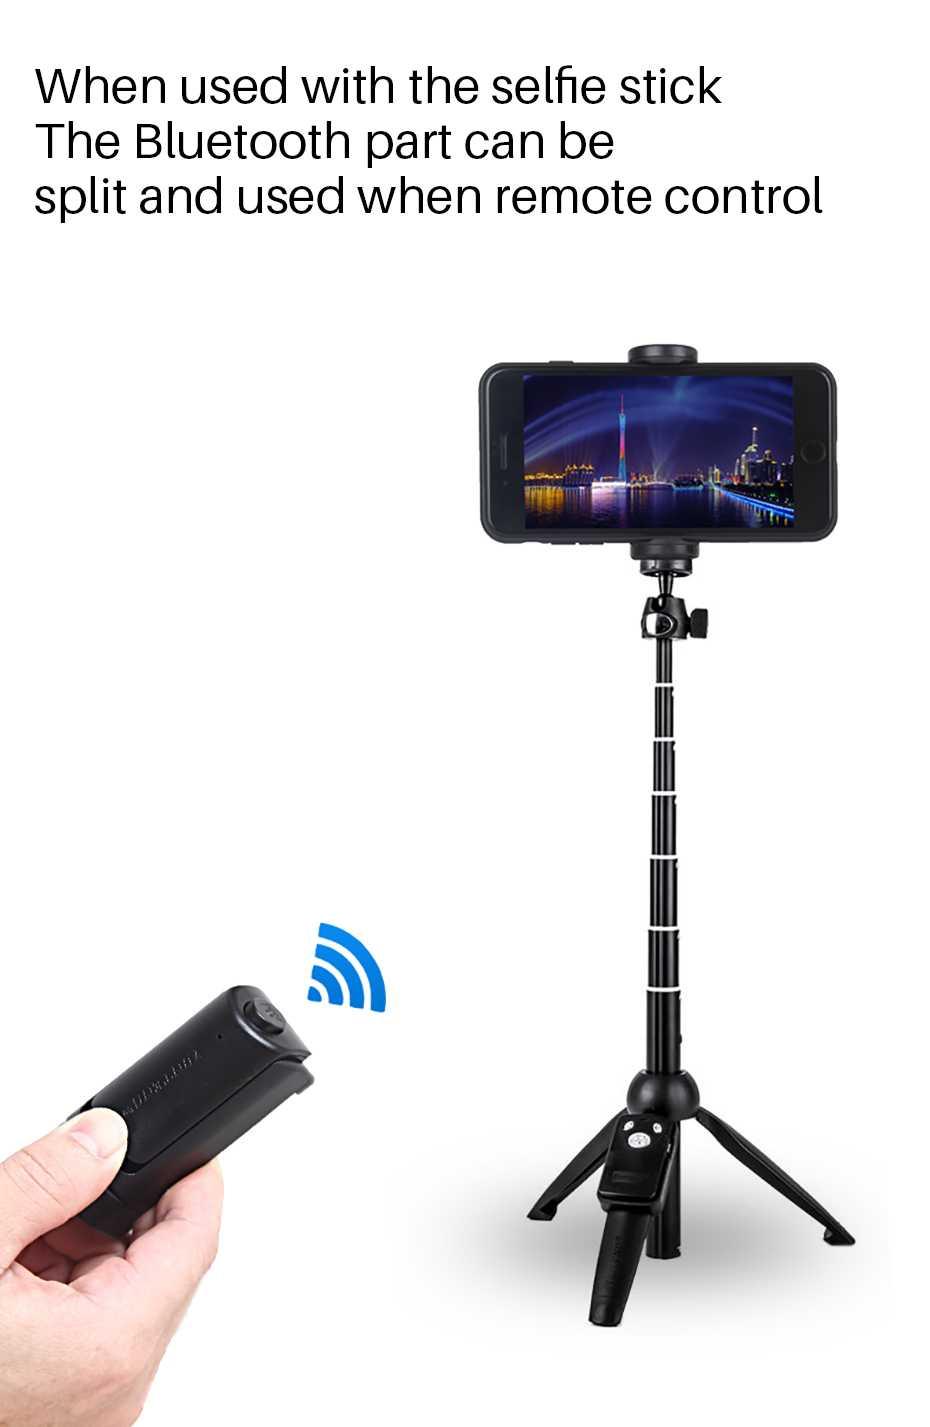 SelfyBoost - Selfie Phone Handle Grip